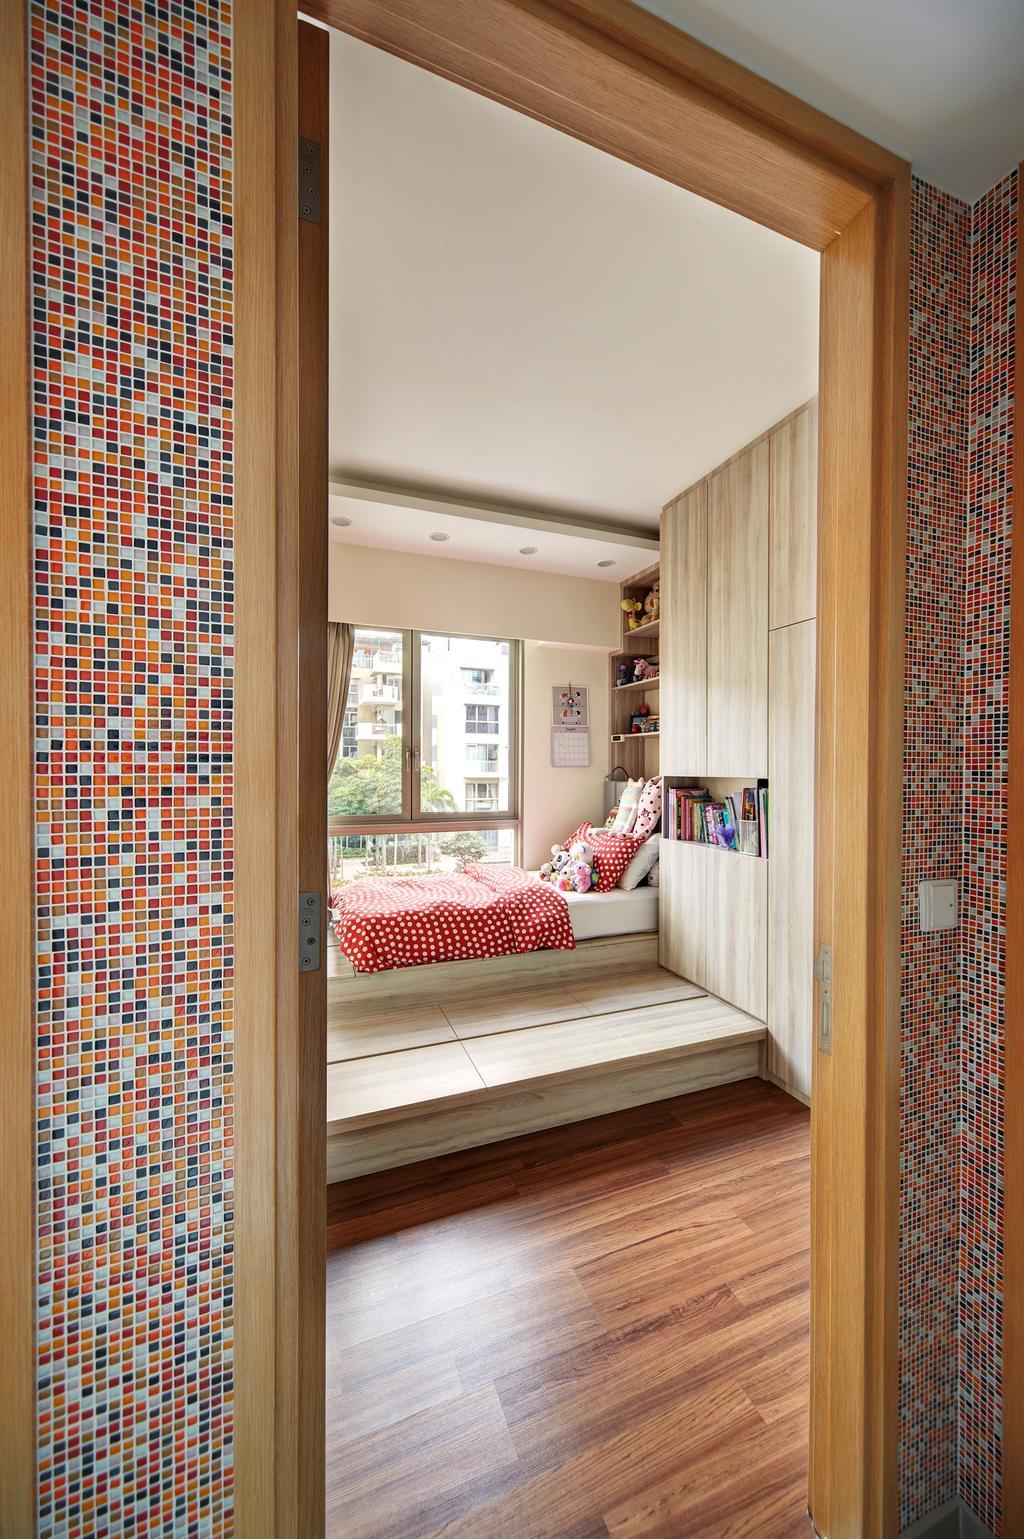 Eclectic, Condo, Bedroom, Terrasse, Interior Designer, Free Space Intent, Retro, Indoors, Room